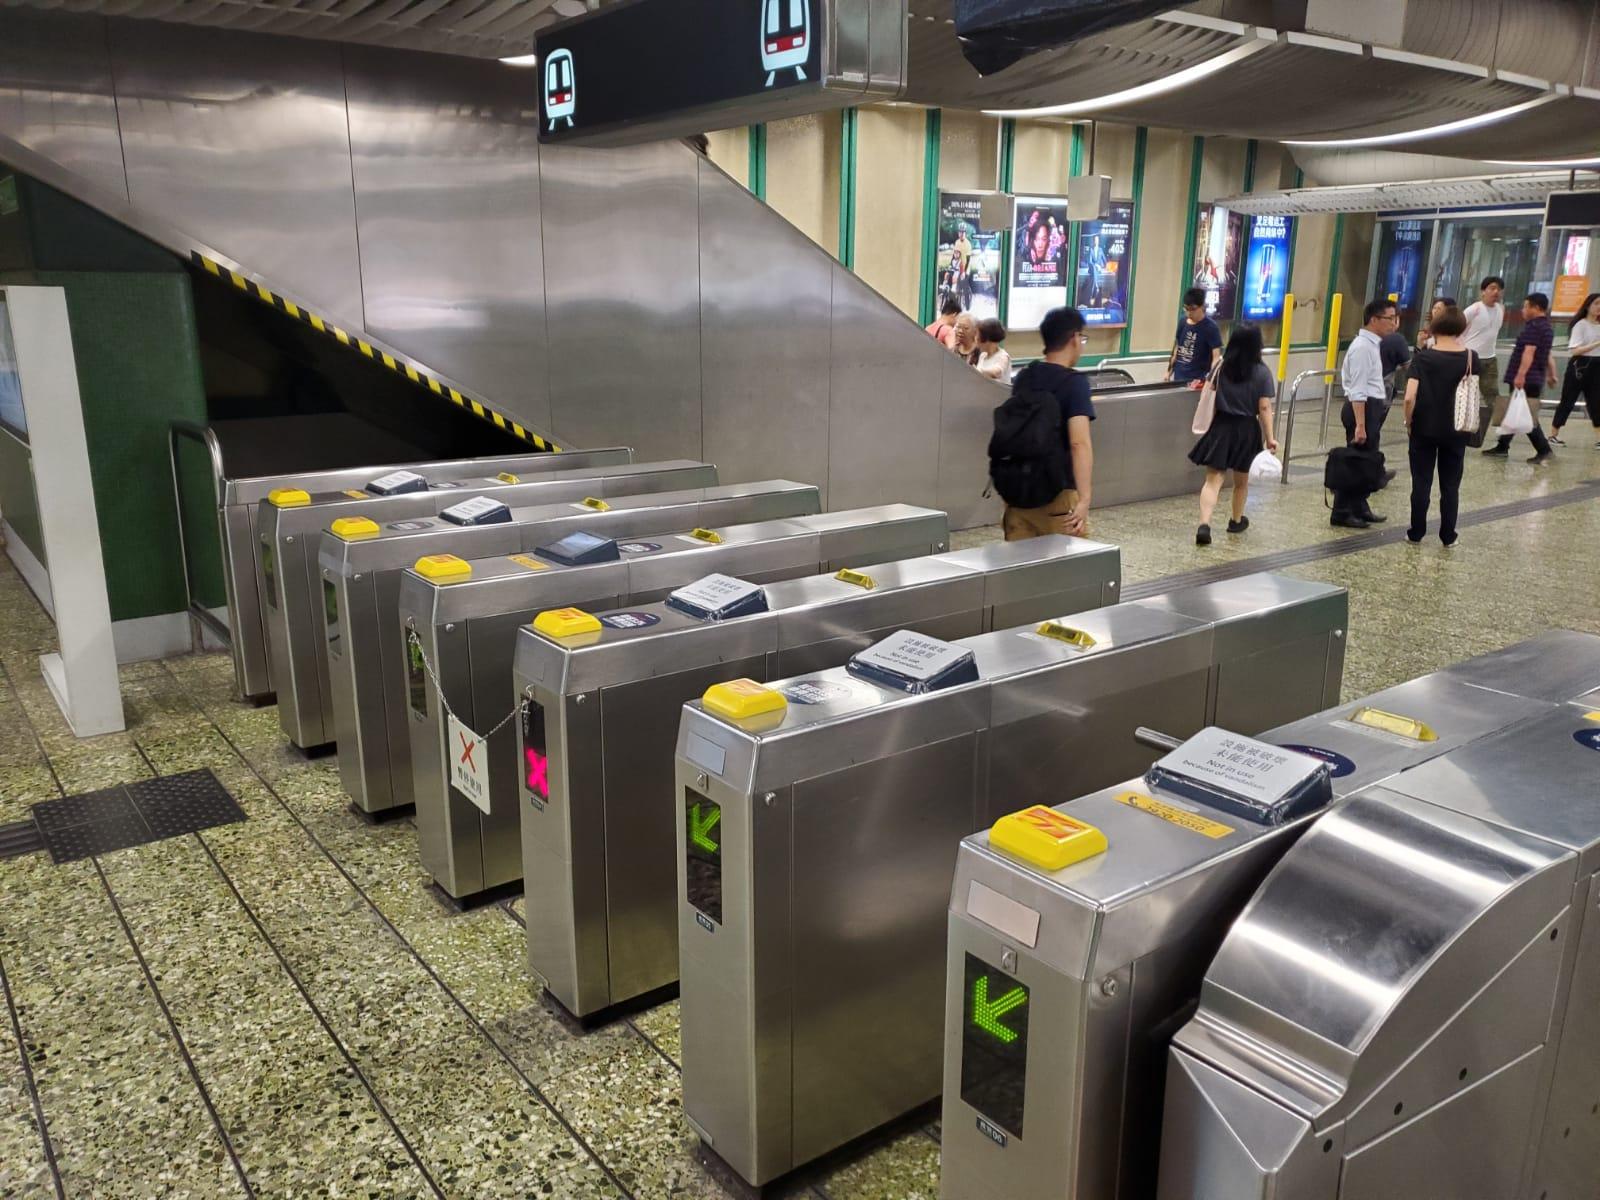 【修例风波】葵芳站设施受损 CCTV被毁部分售票机被封起